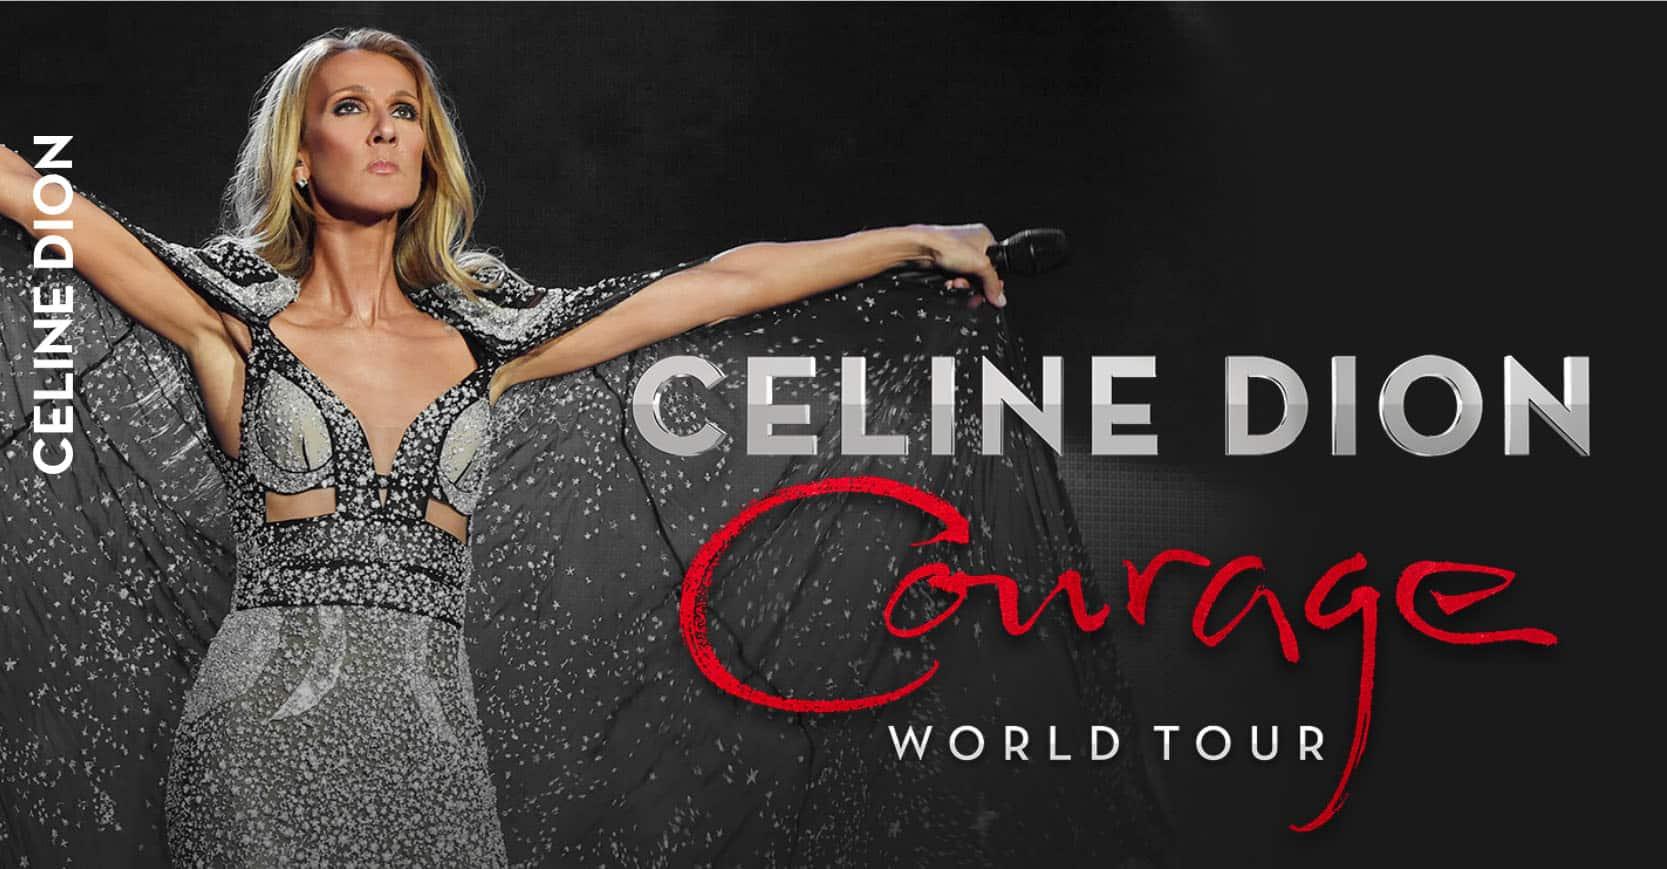 Celine-Dion-Tour-2019